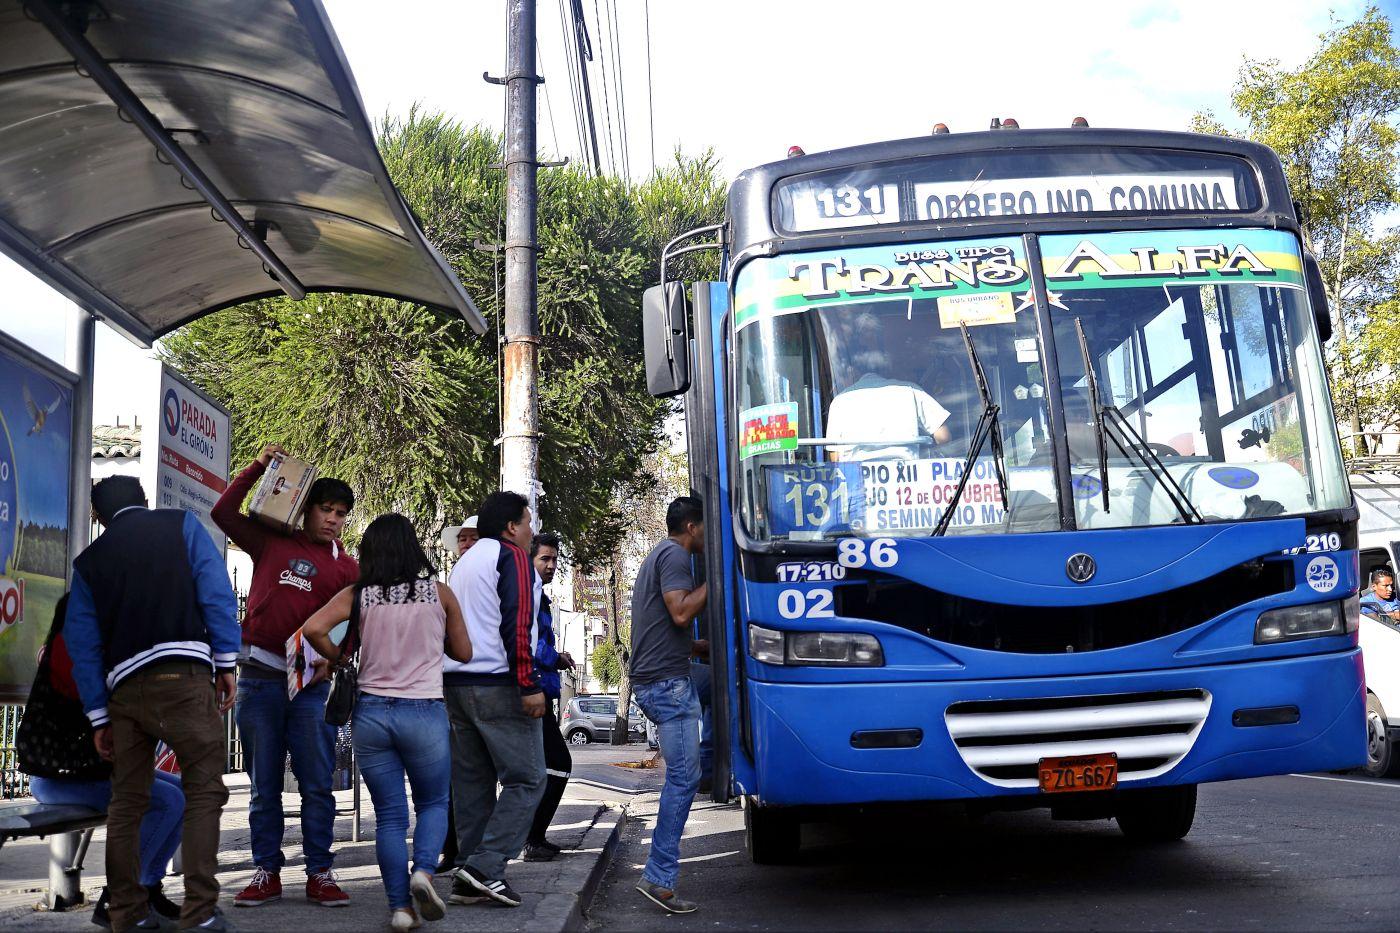 Se analiza subir el pasaje a 35 centavos en Quito